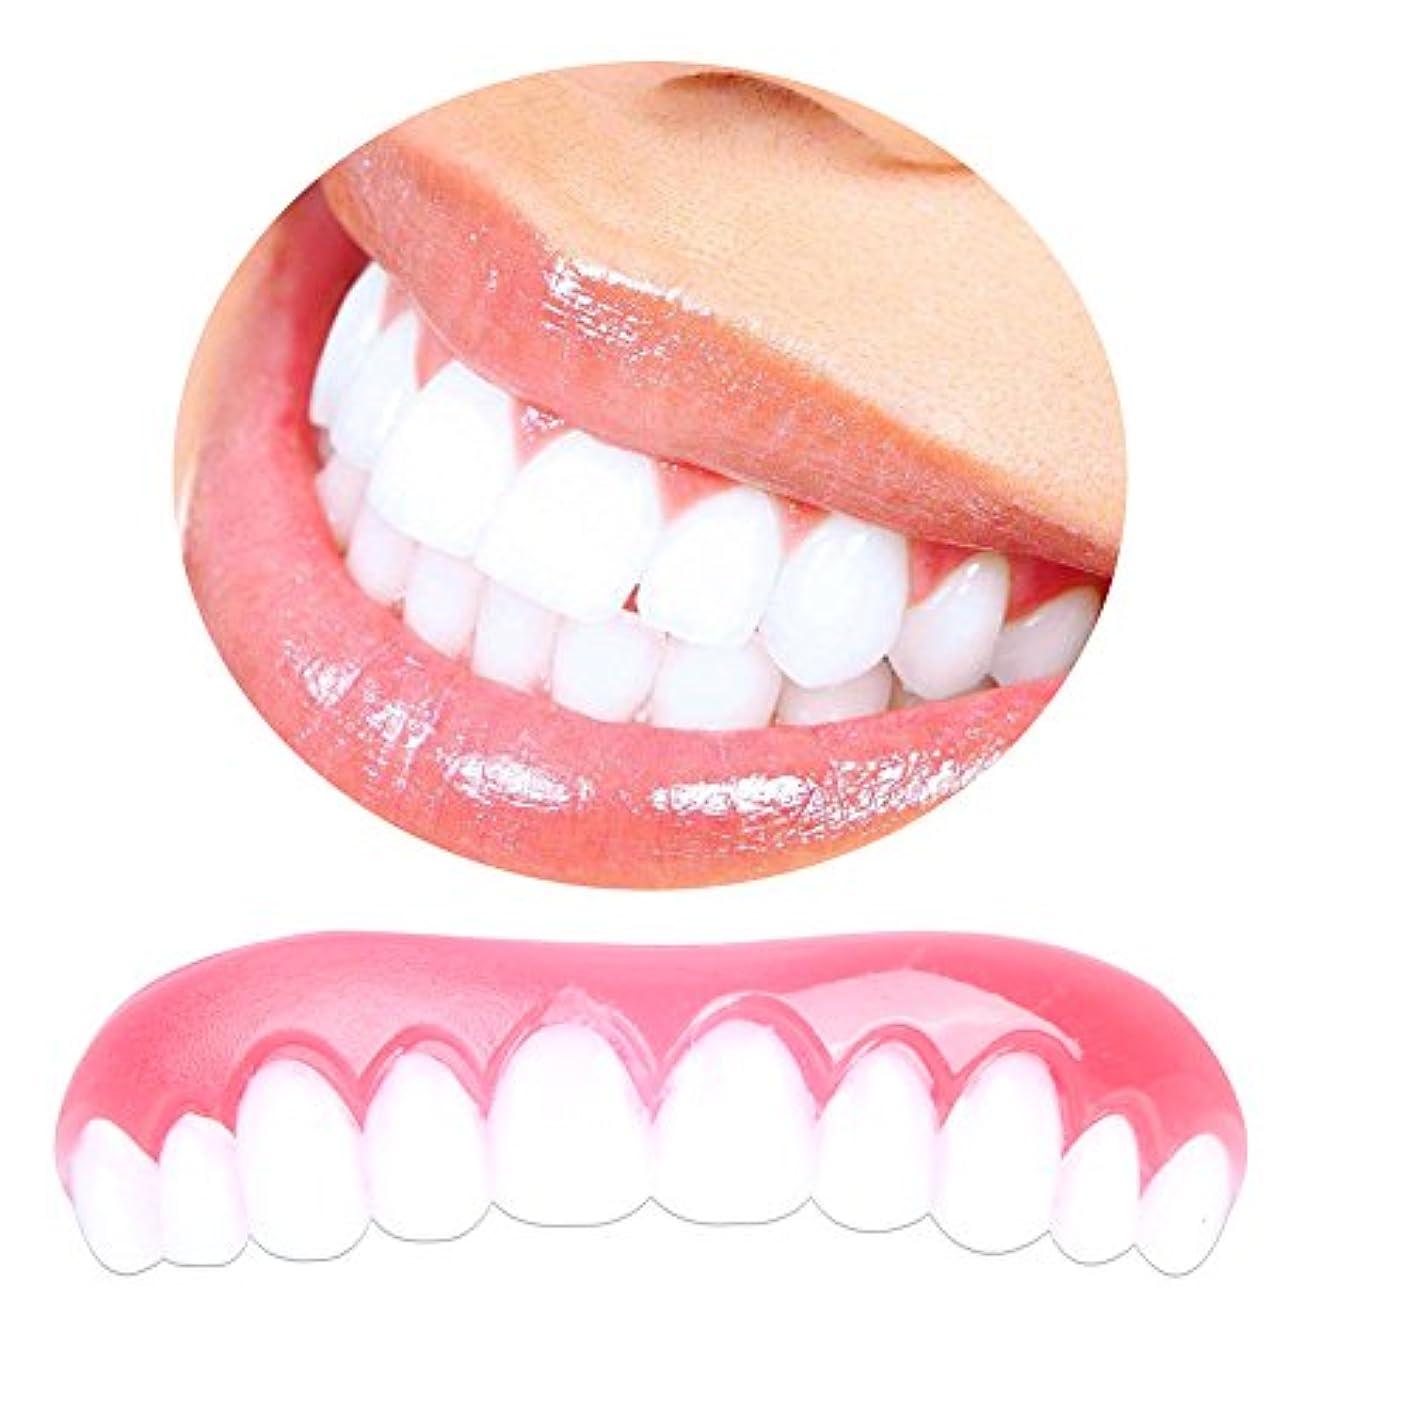 起点洗練された例2ピースコンフォートフィットフレックス化粧品の歯完璧な笑顔のベニヤダブの歯の修正のための歯の修正のための完璧な笑顔のベニヤの歯のホワイトニング